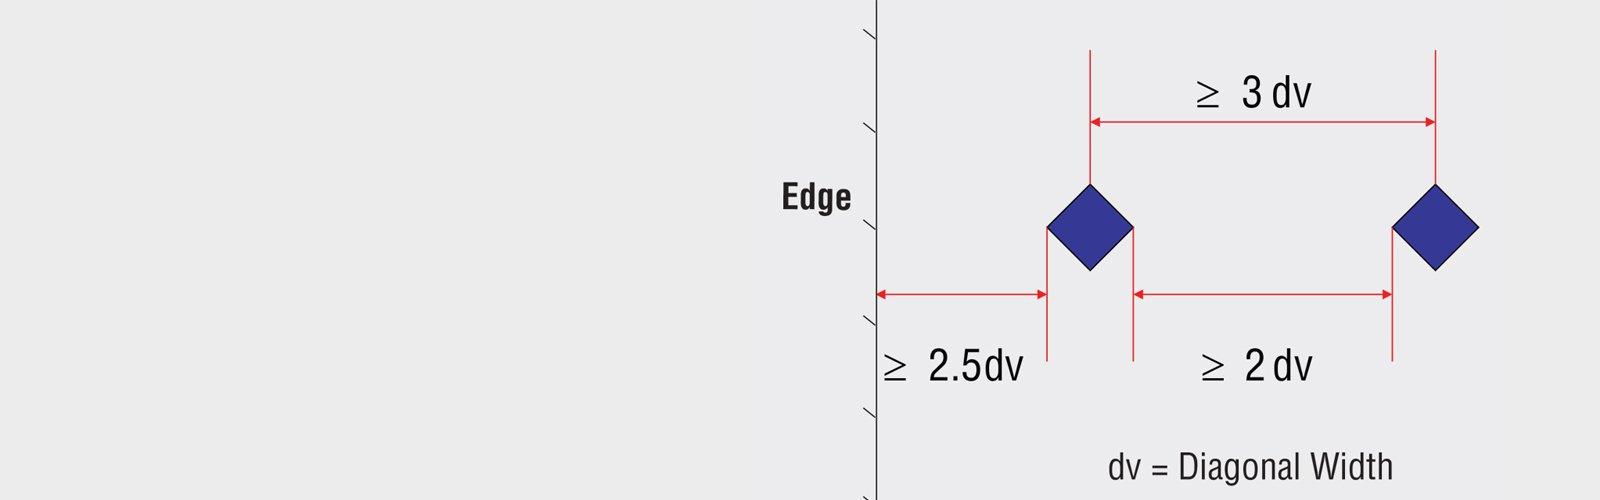 硬度测试压痕间距